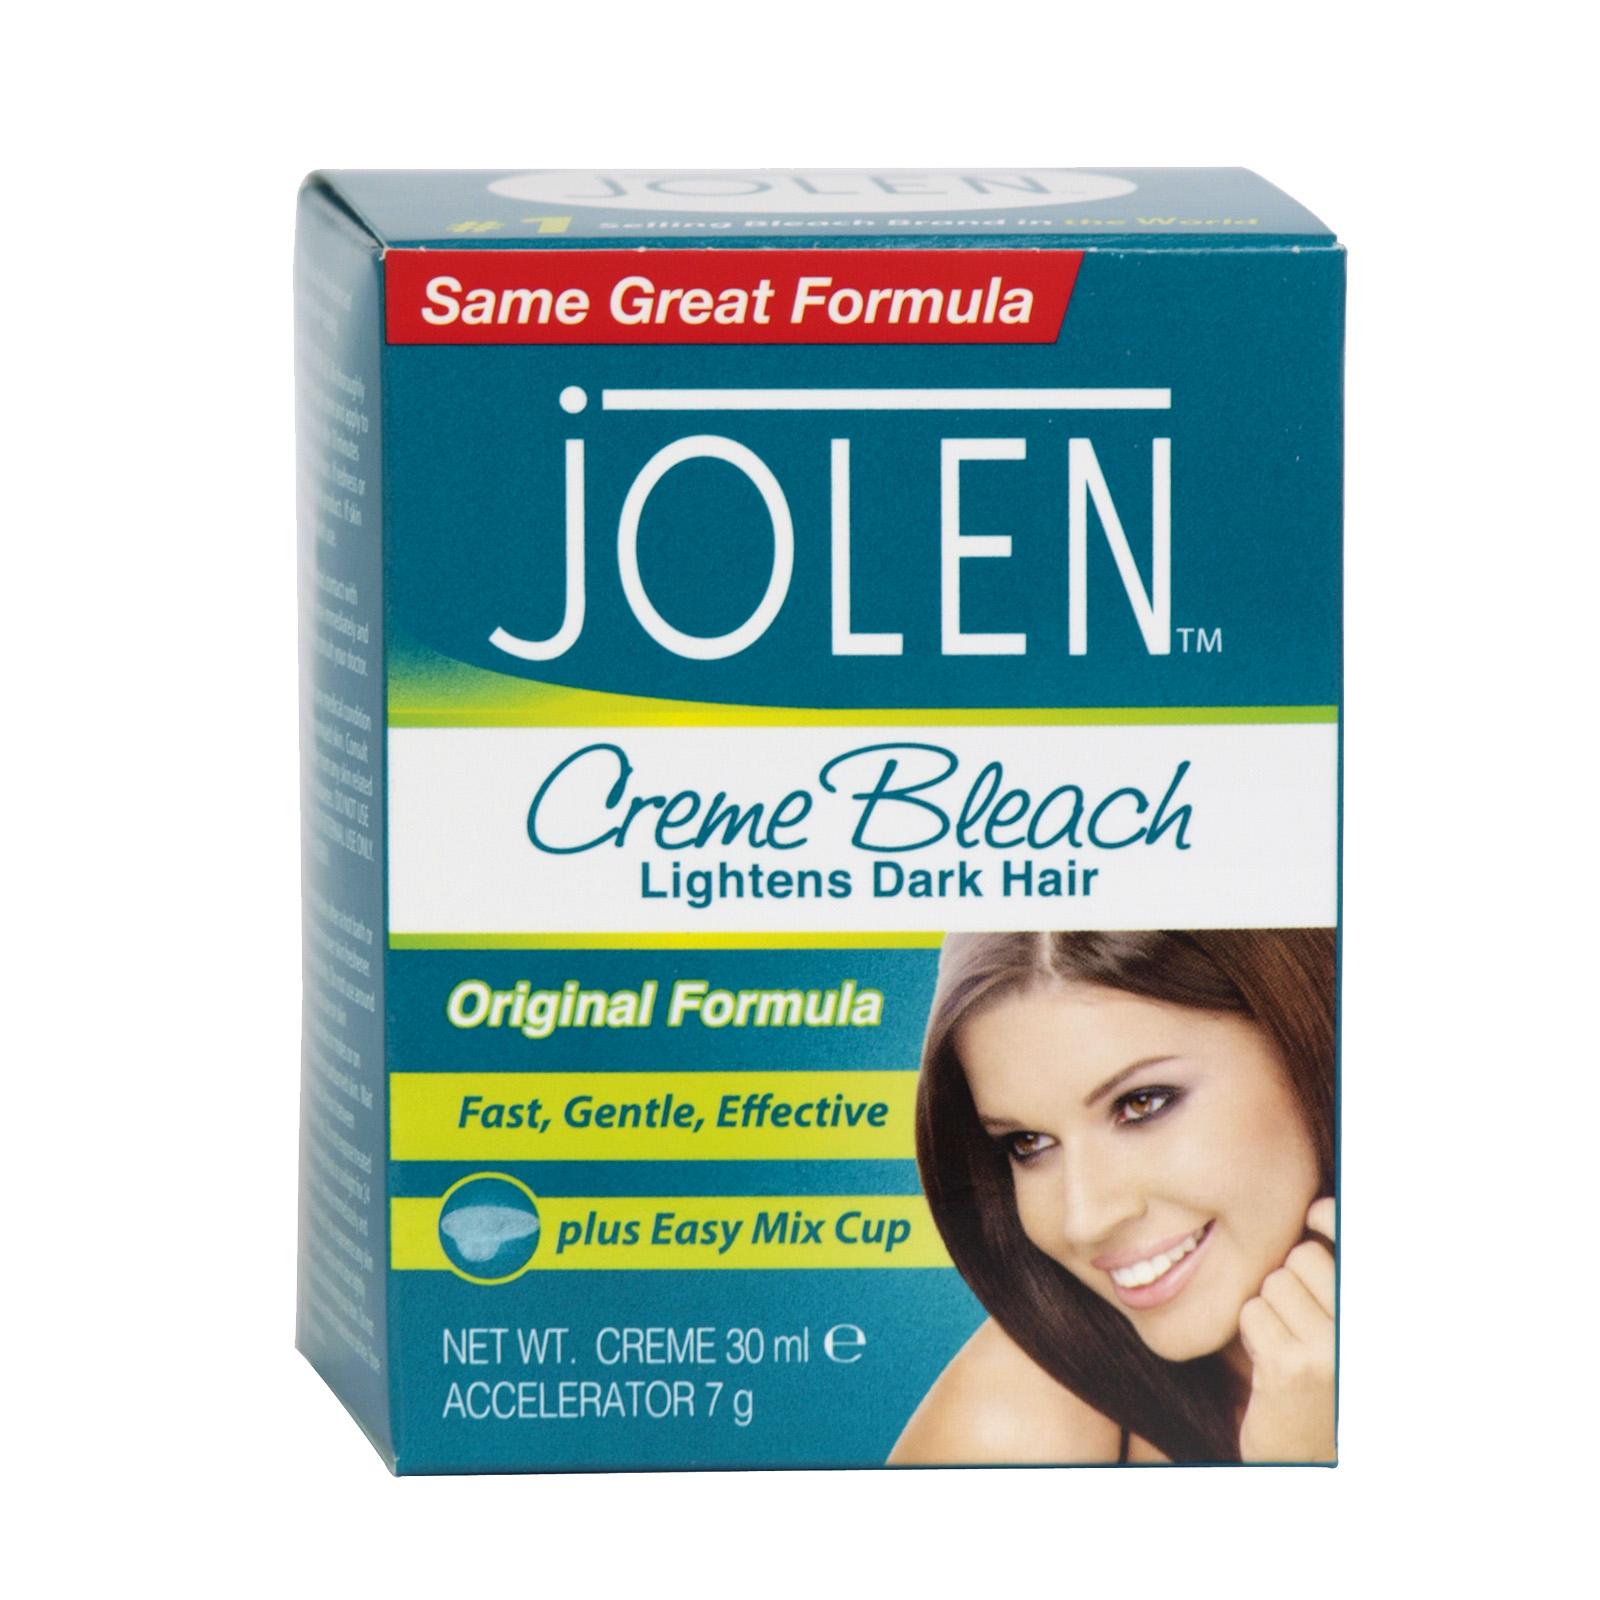 JOLEN CREME BLEACH 30ML REGULAR X6